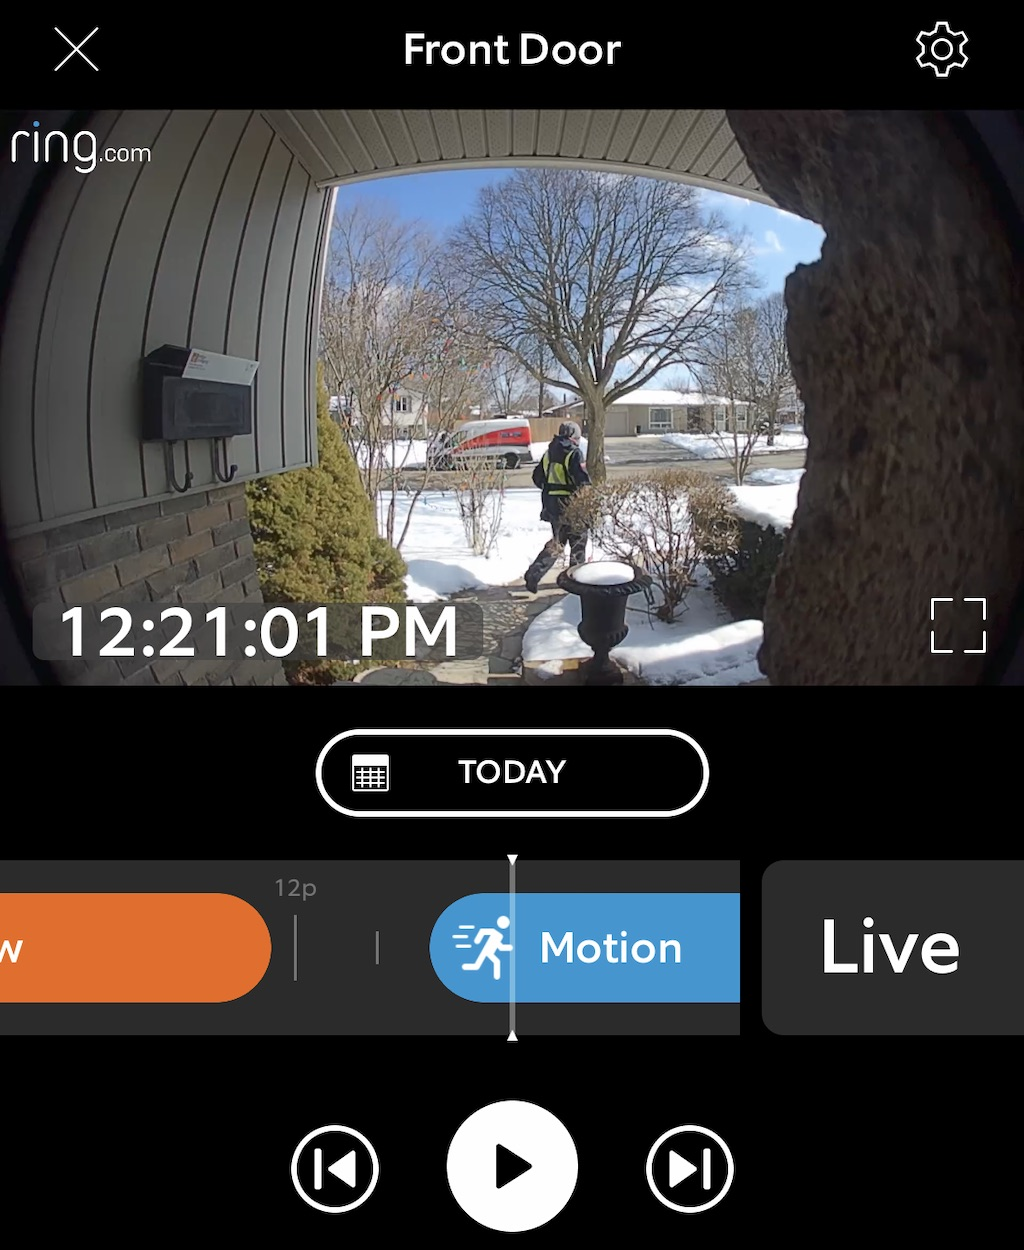 Ring Video Doorbell 2 review